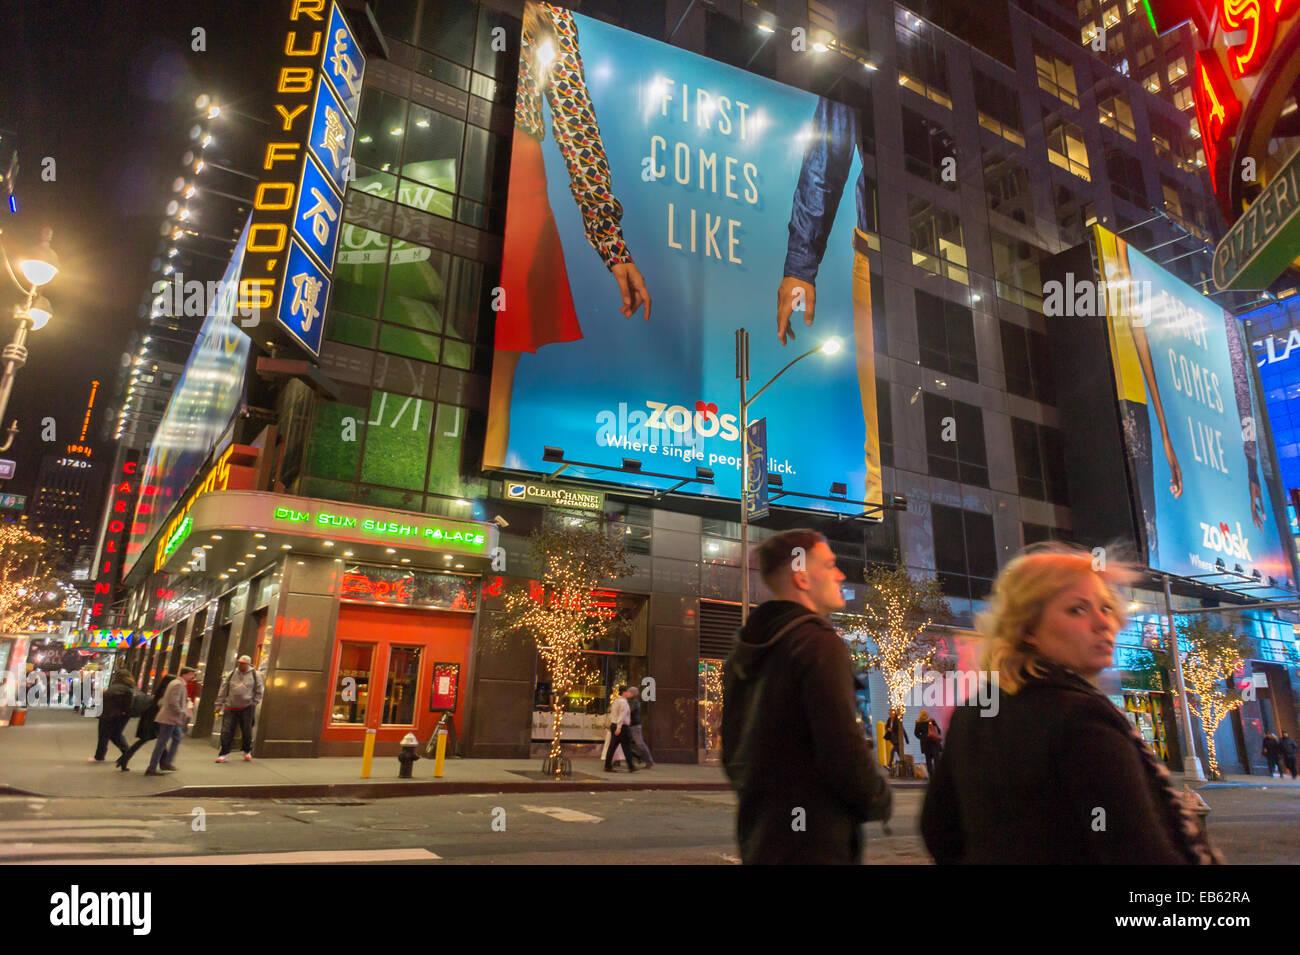 dating websites for new york 100 gratis dating sites med medlemmer online nu